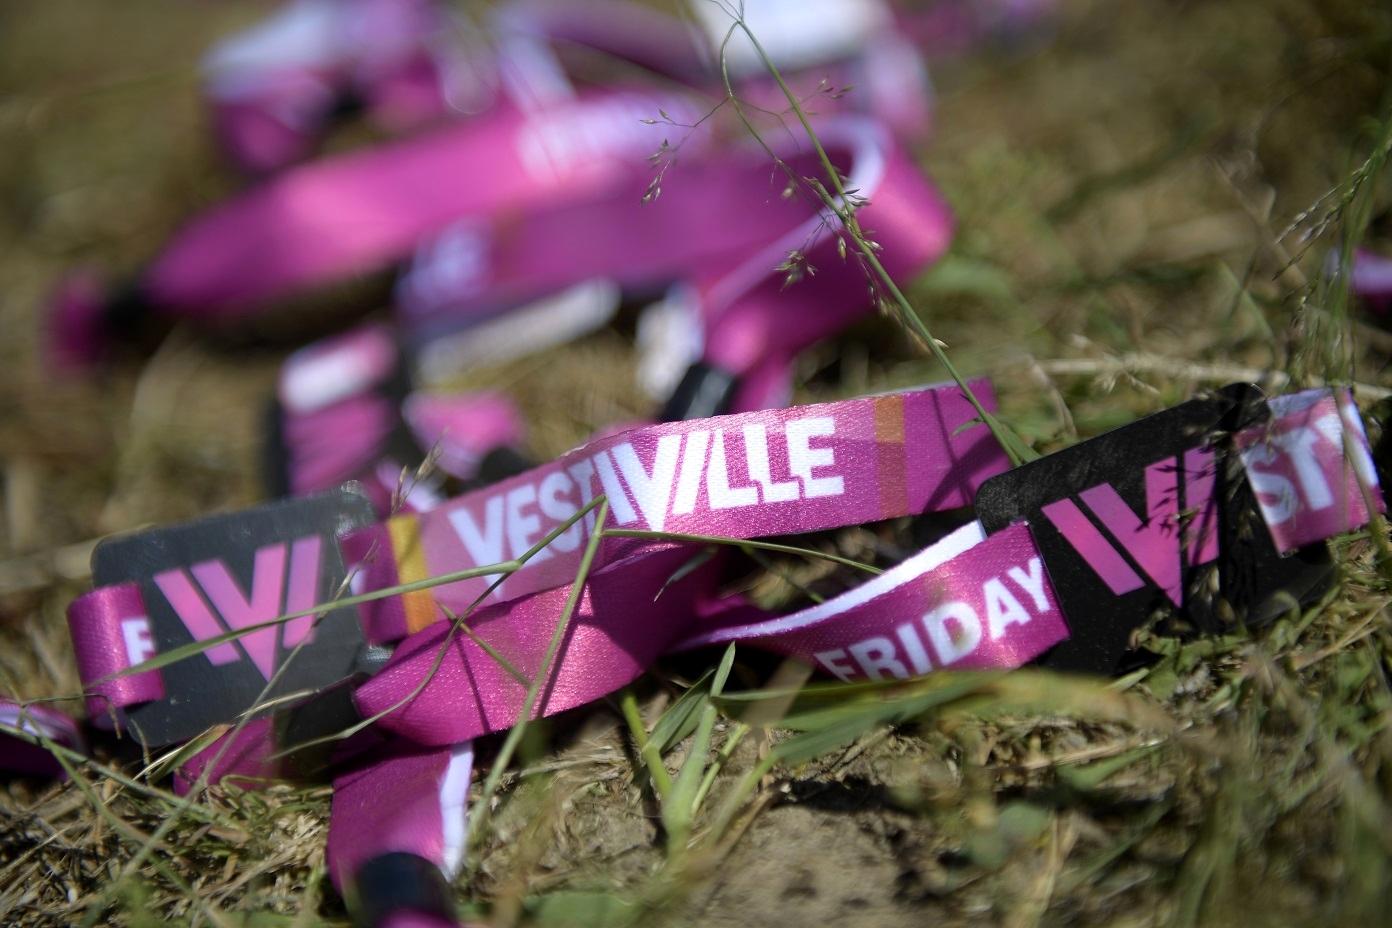 VestiVille - фестиваль, который оказался настоящей катастрофой